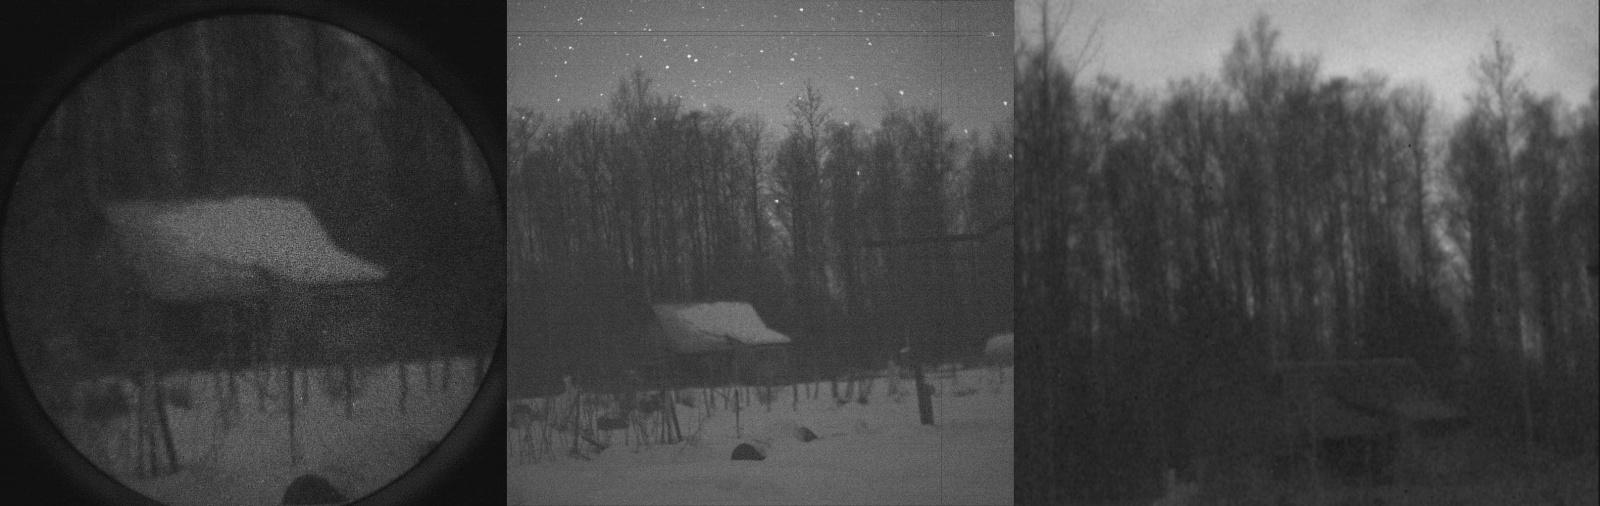 Как видят ночью разные камеры и приборы? - 5